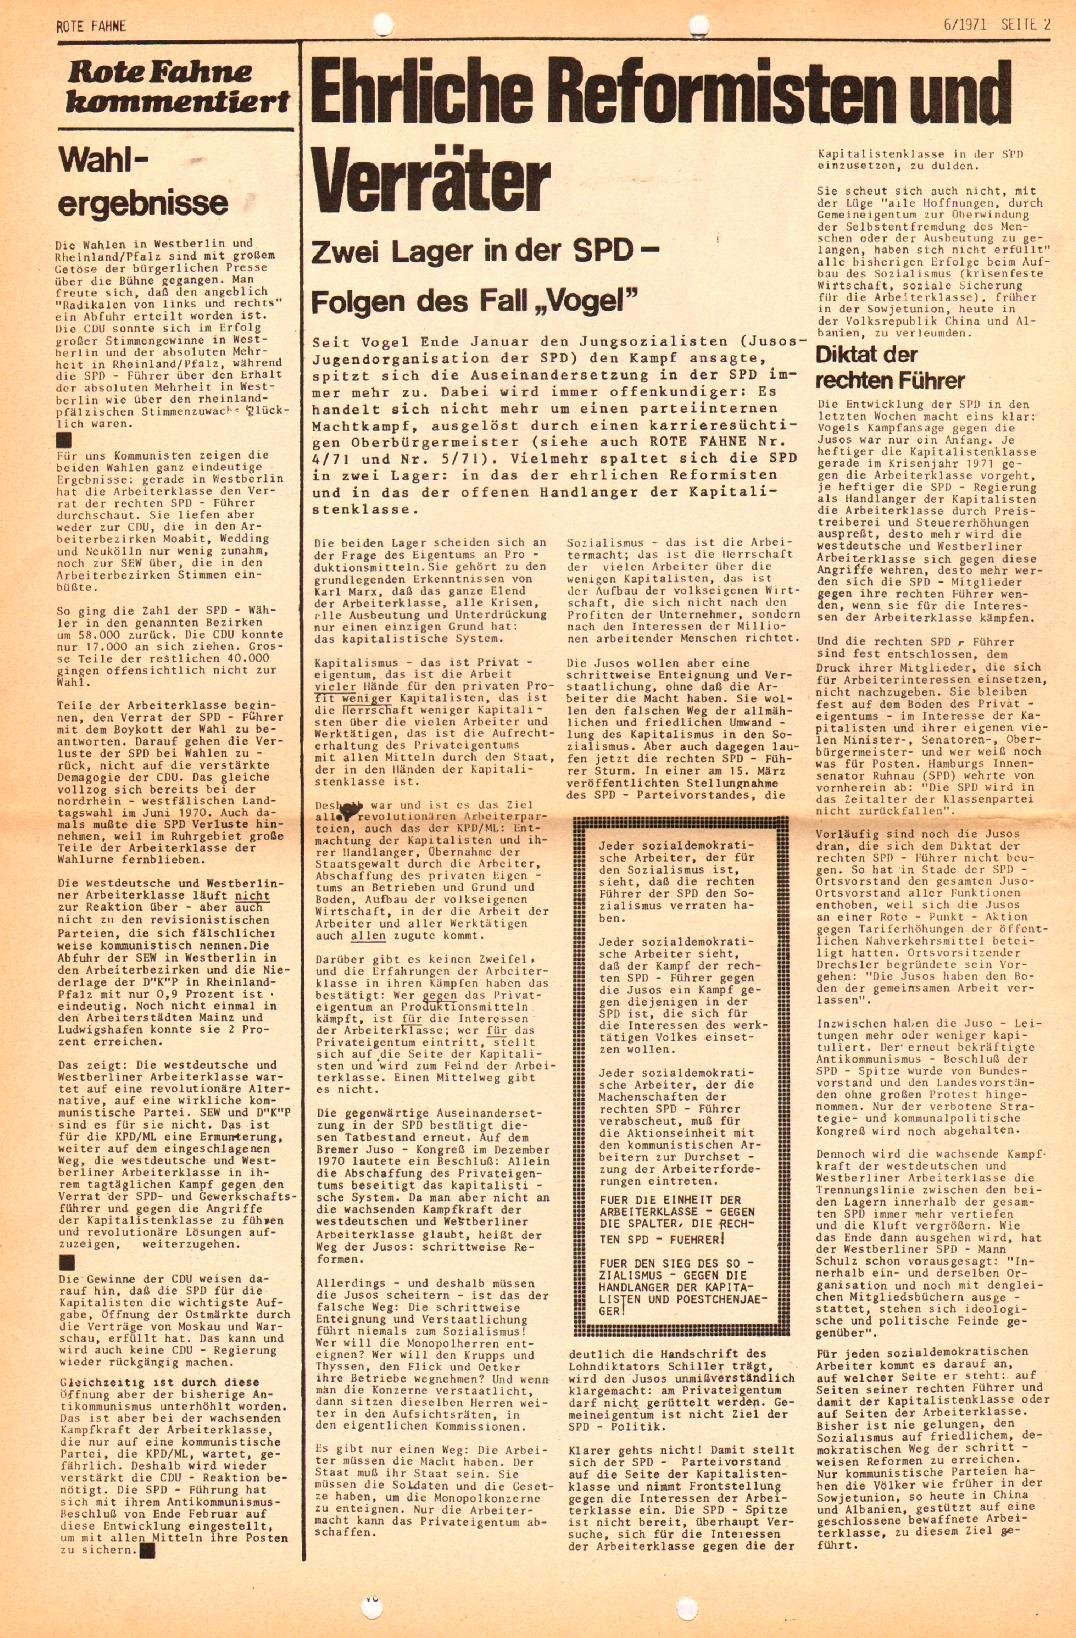 Rote Fahne, 2. Jg., 29.3.1971, Nr. 6, Seite 2